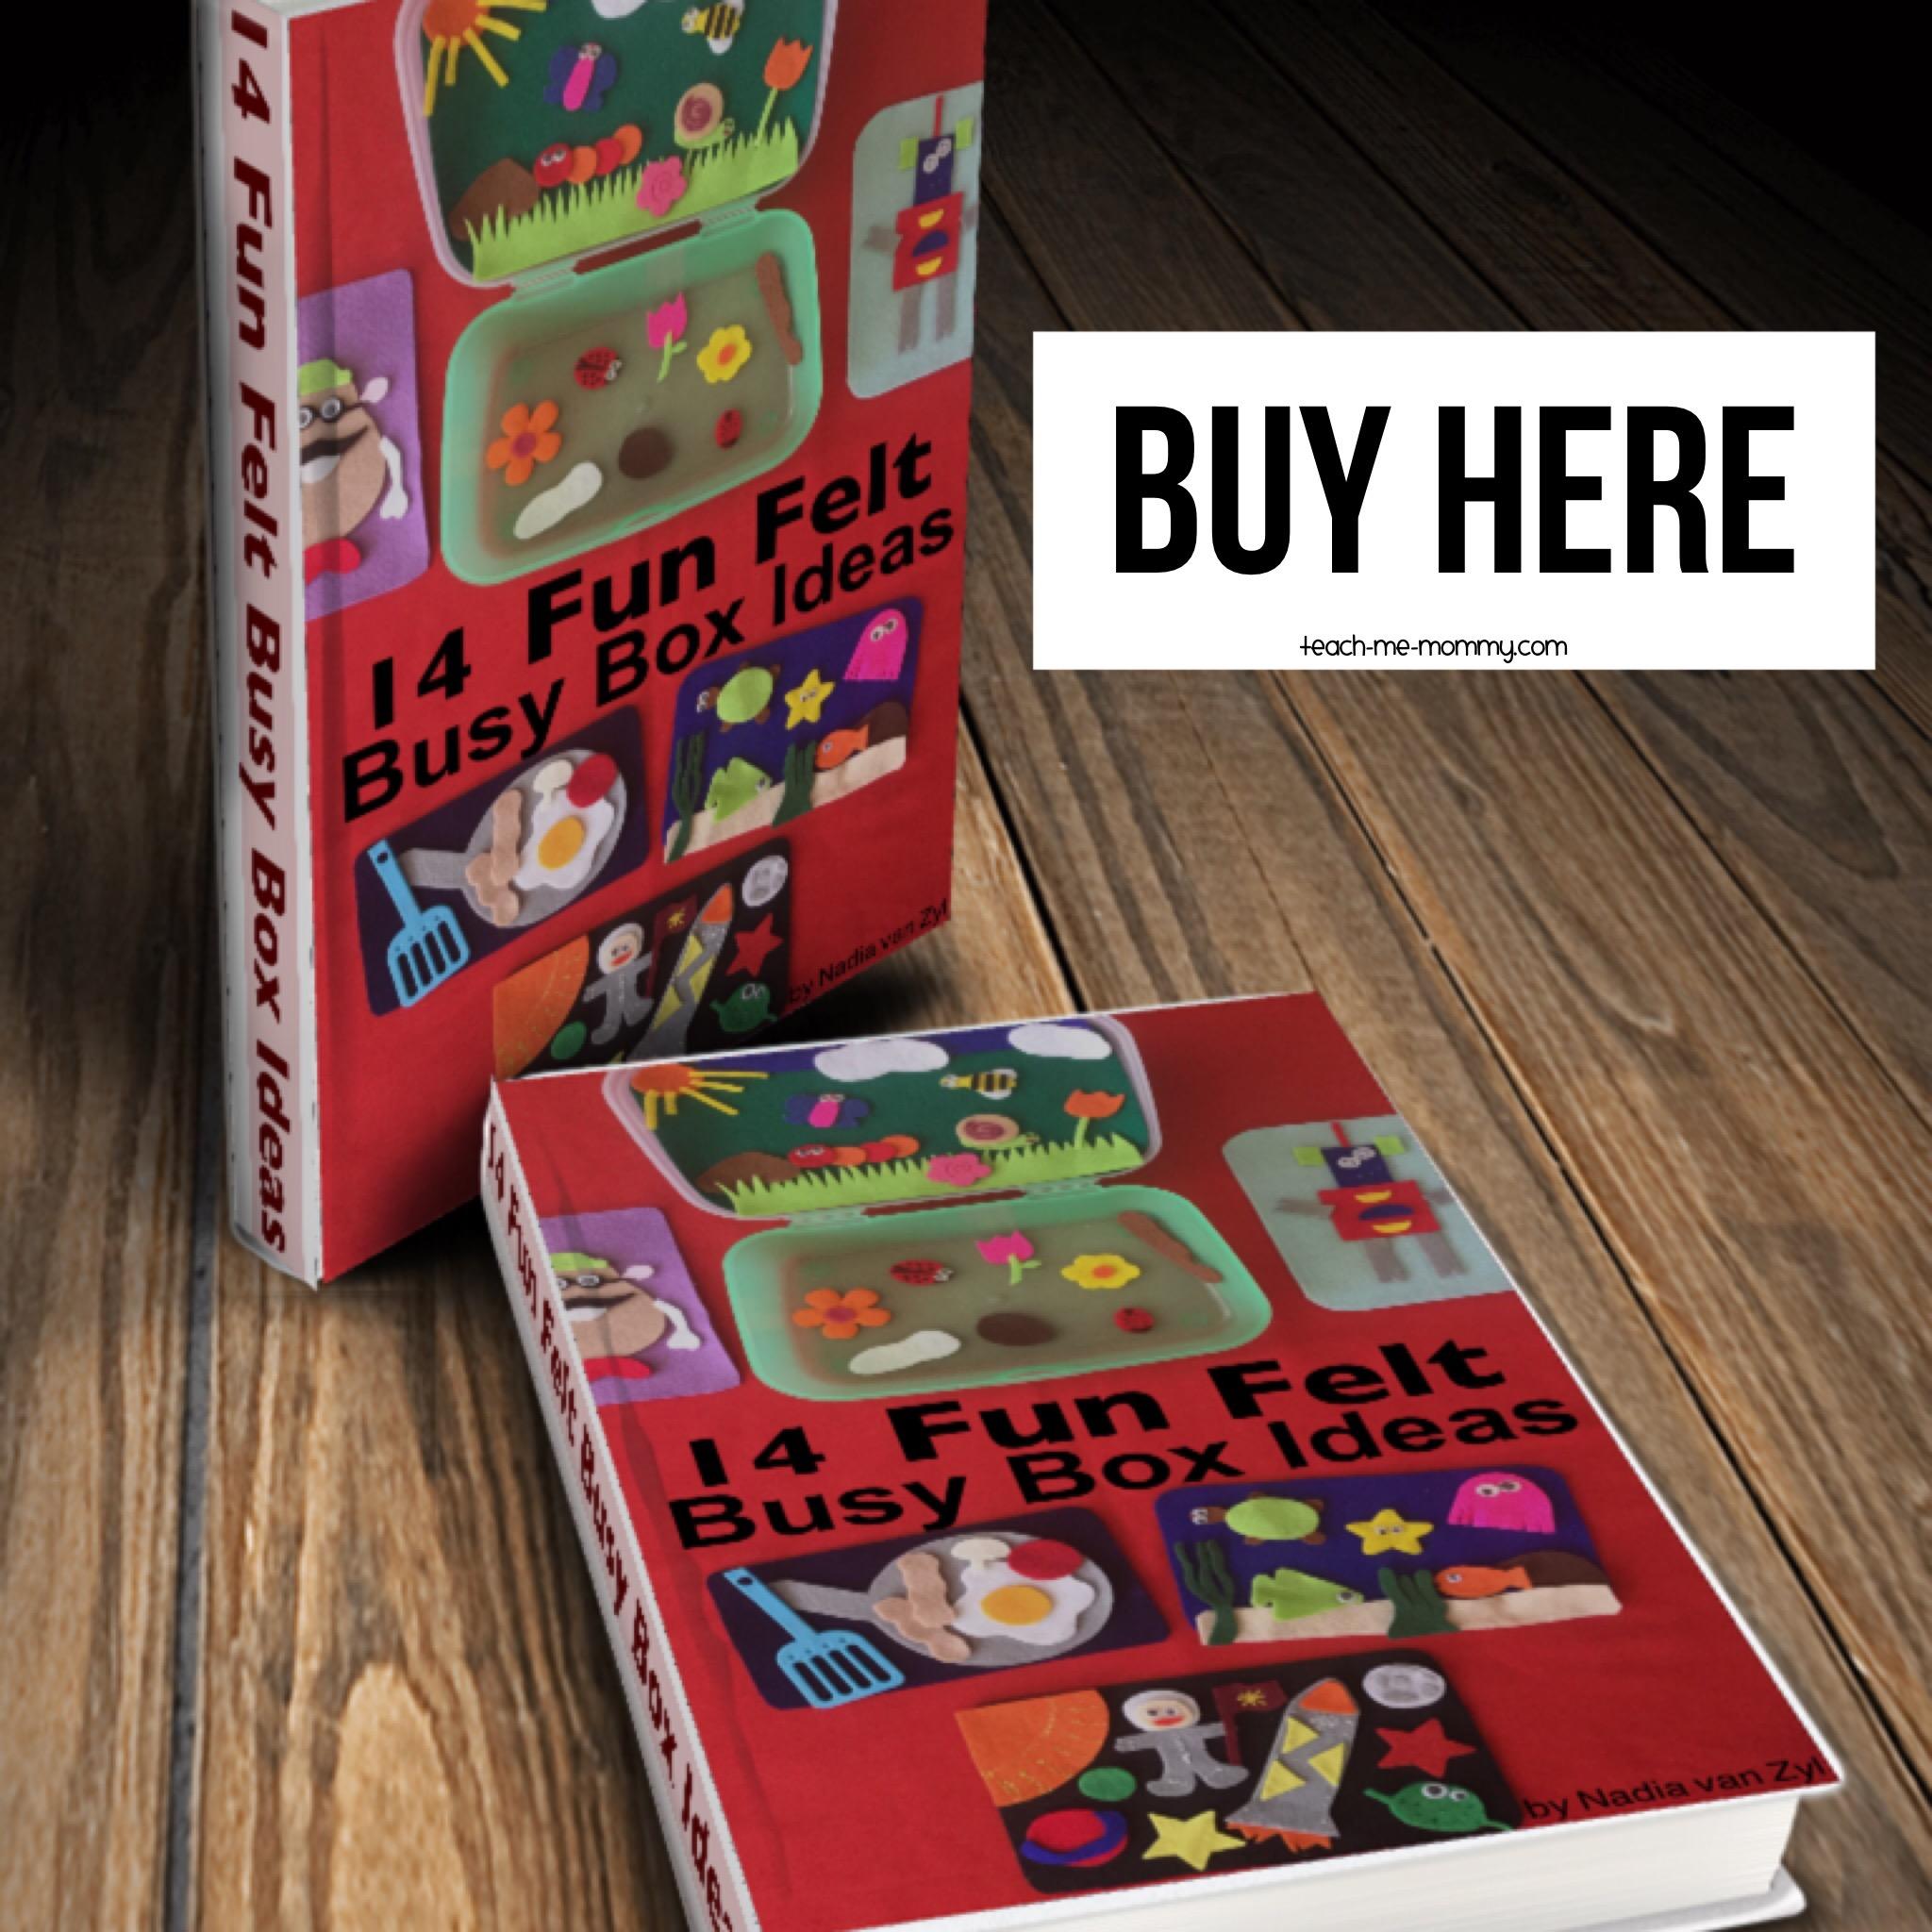 Busy Box Ideas book